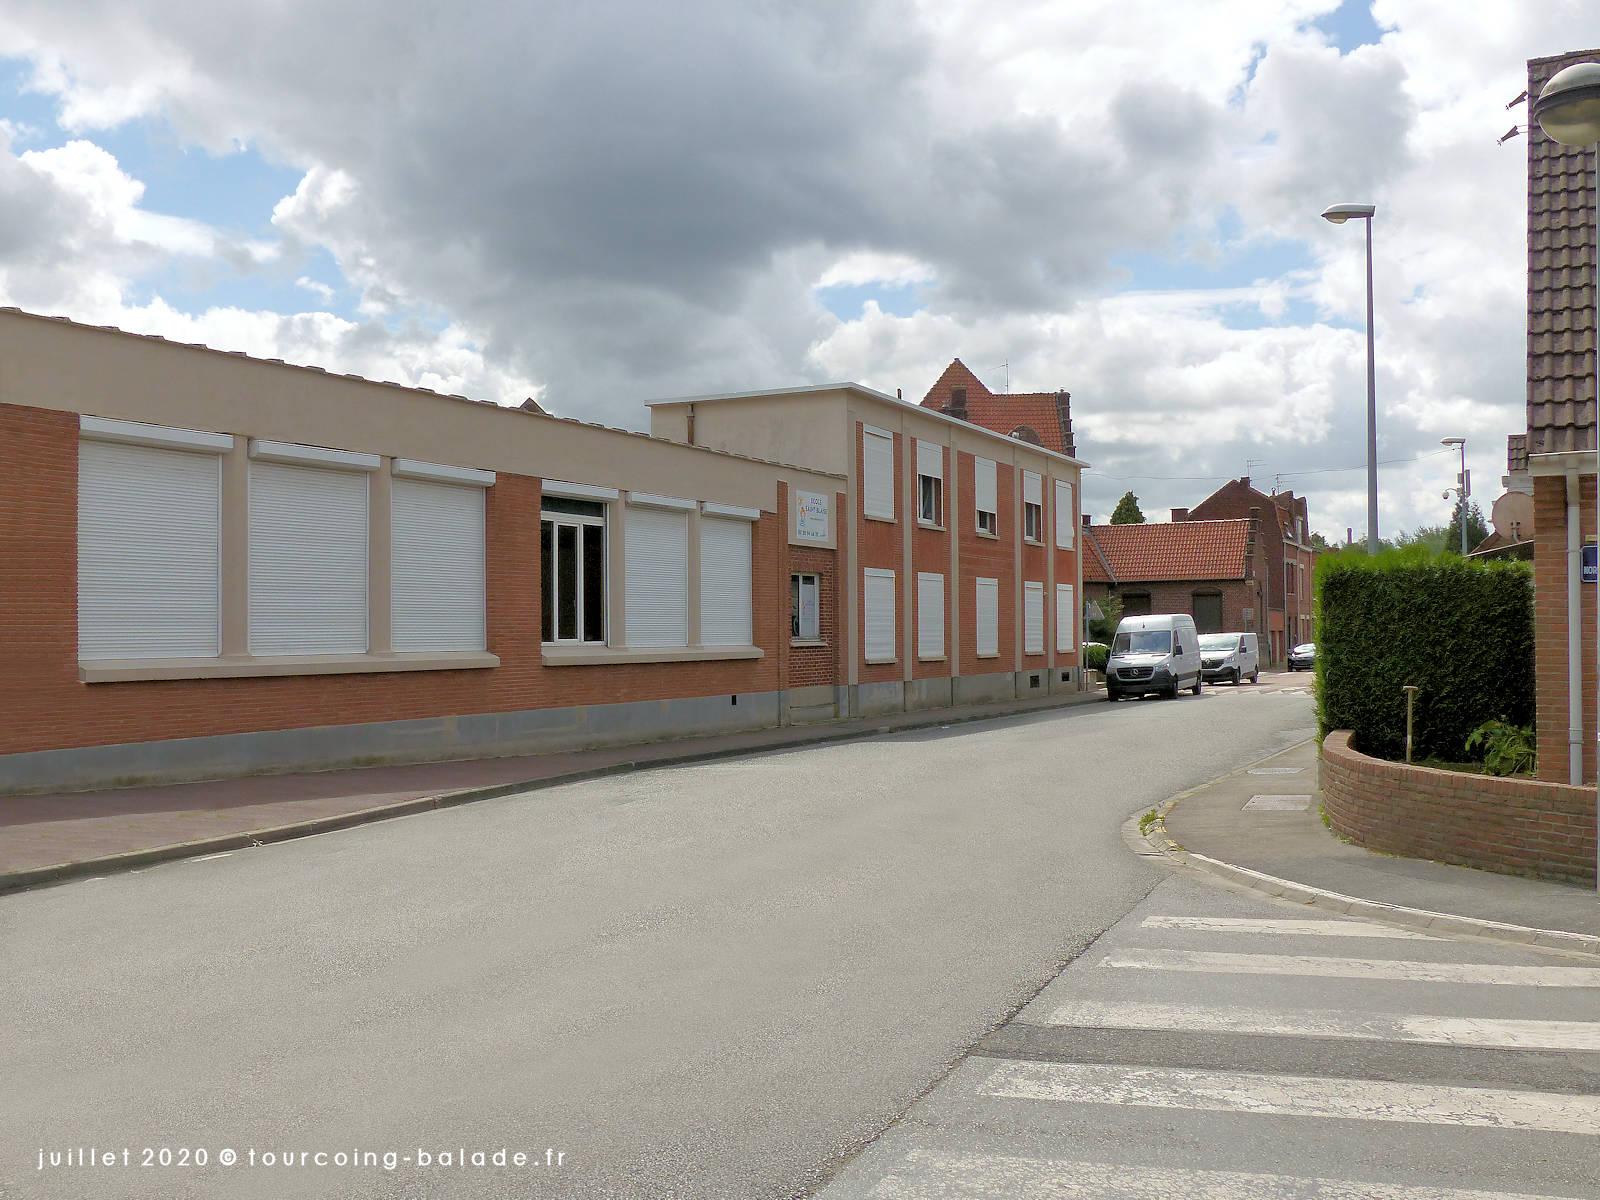 Rue du Clinquet, Tourcoing 2020